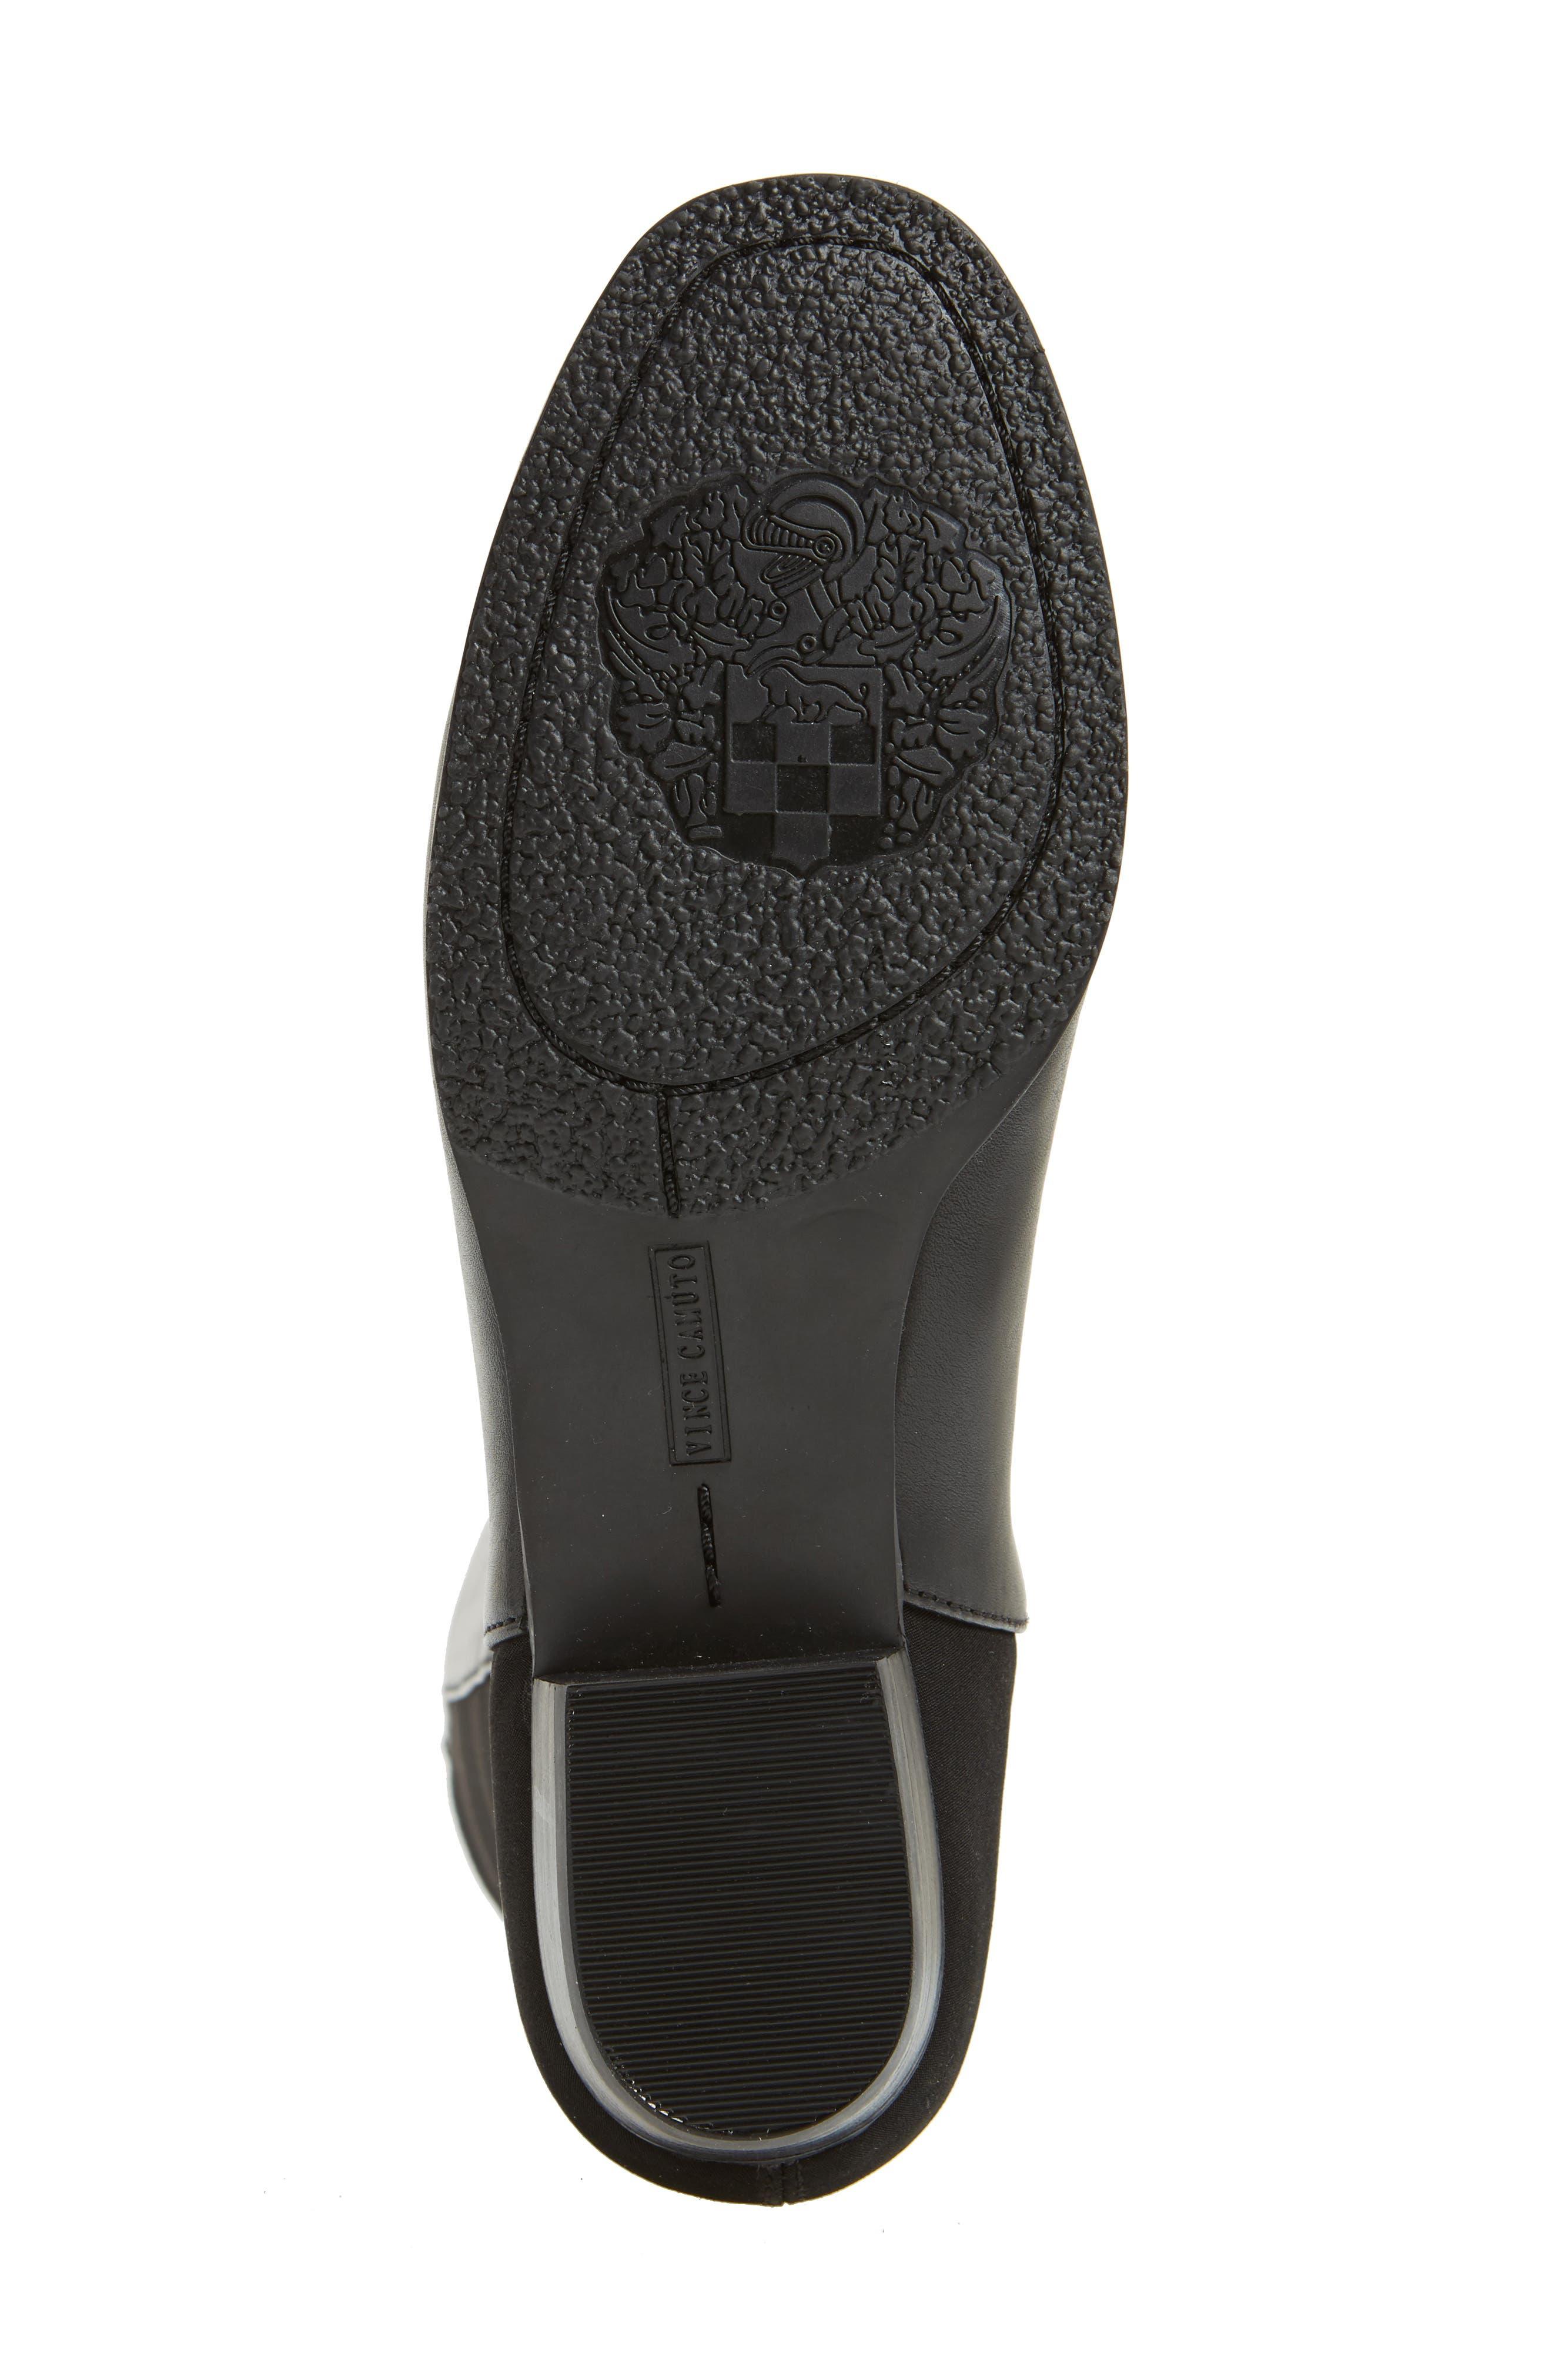 'Karita' Over the Knee Boot,                             Alternate thumbnail 5, color,                             Black/ Black